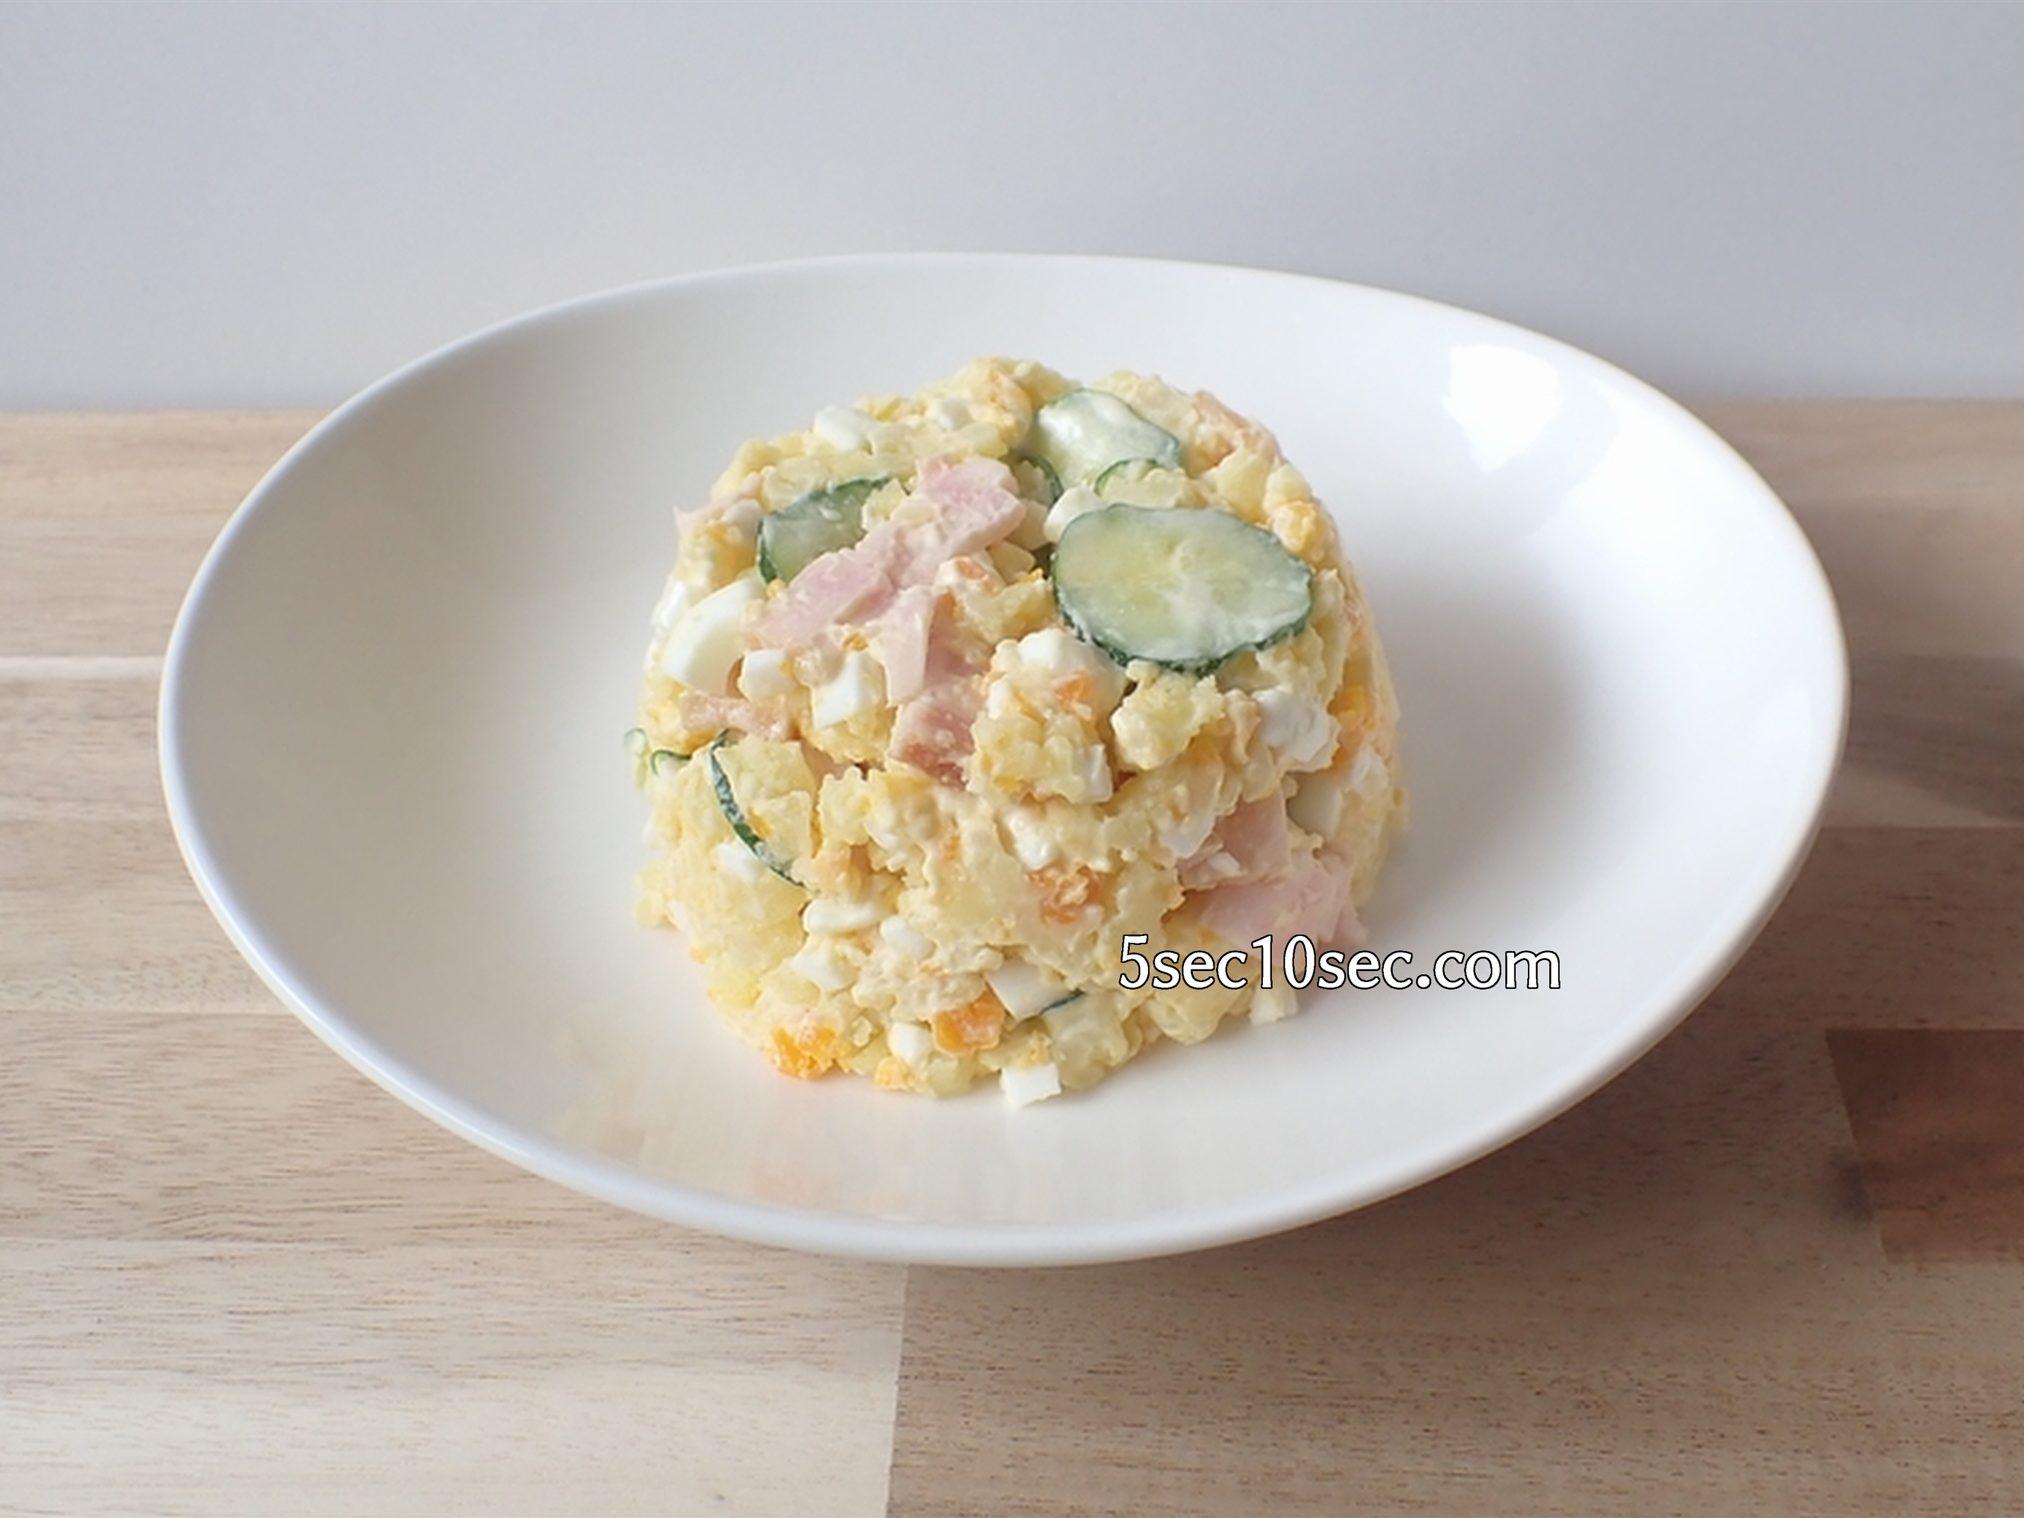 貝印 KAI レンジでゆでたまごが作れる容器 誰でも上手に、ポテトサラダを作ることができると思います